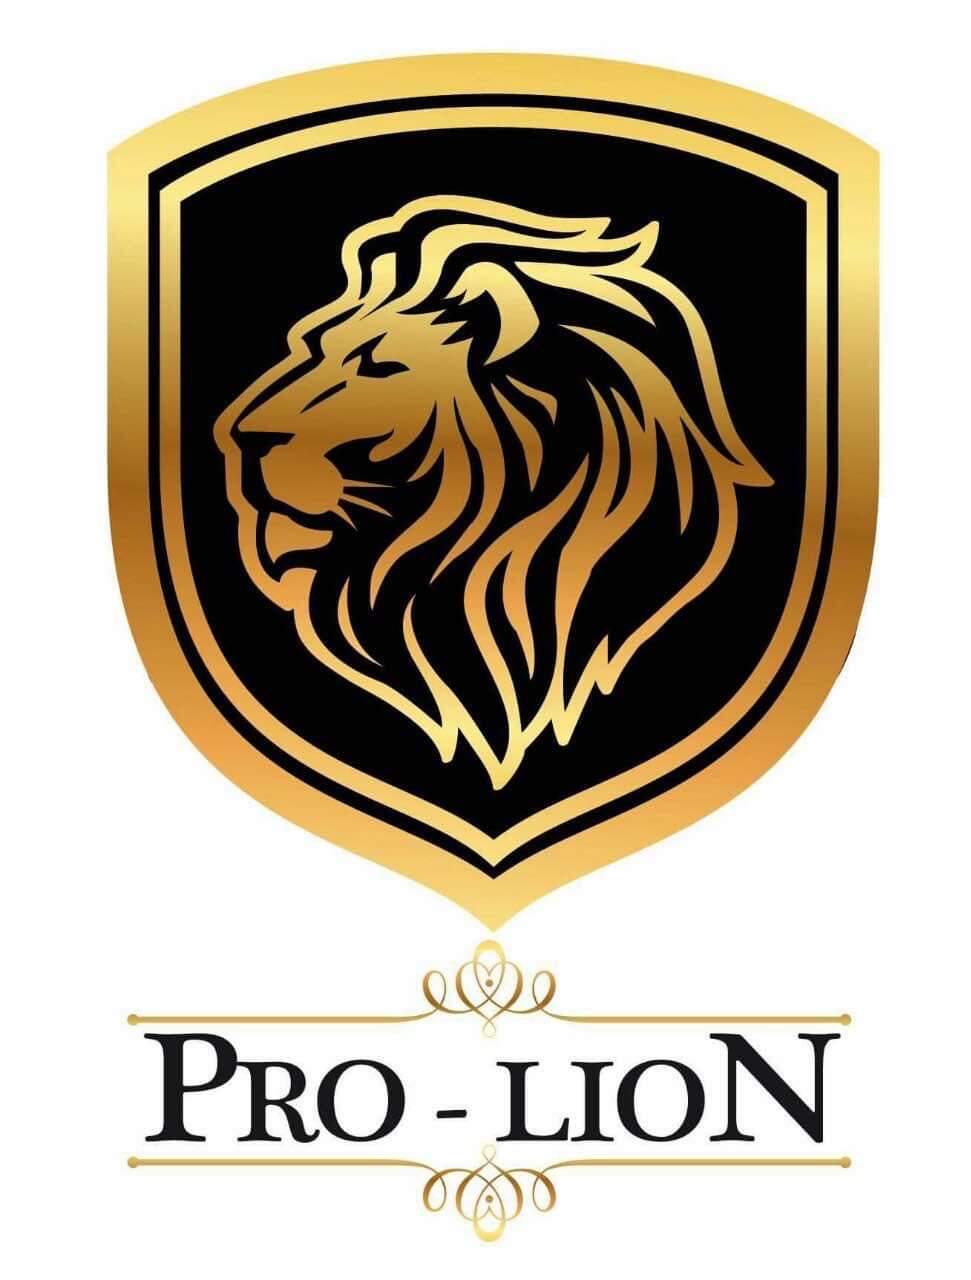 PRO-LION